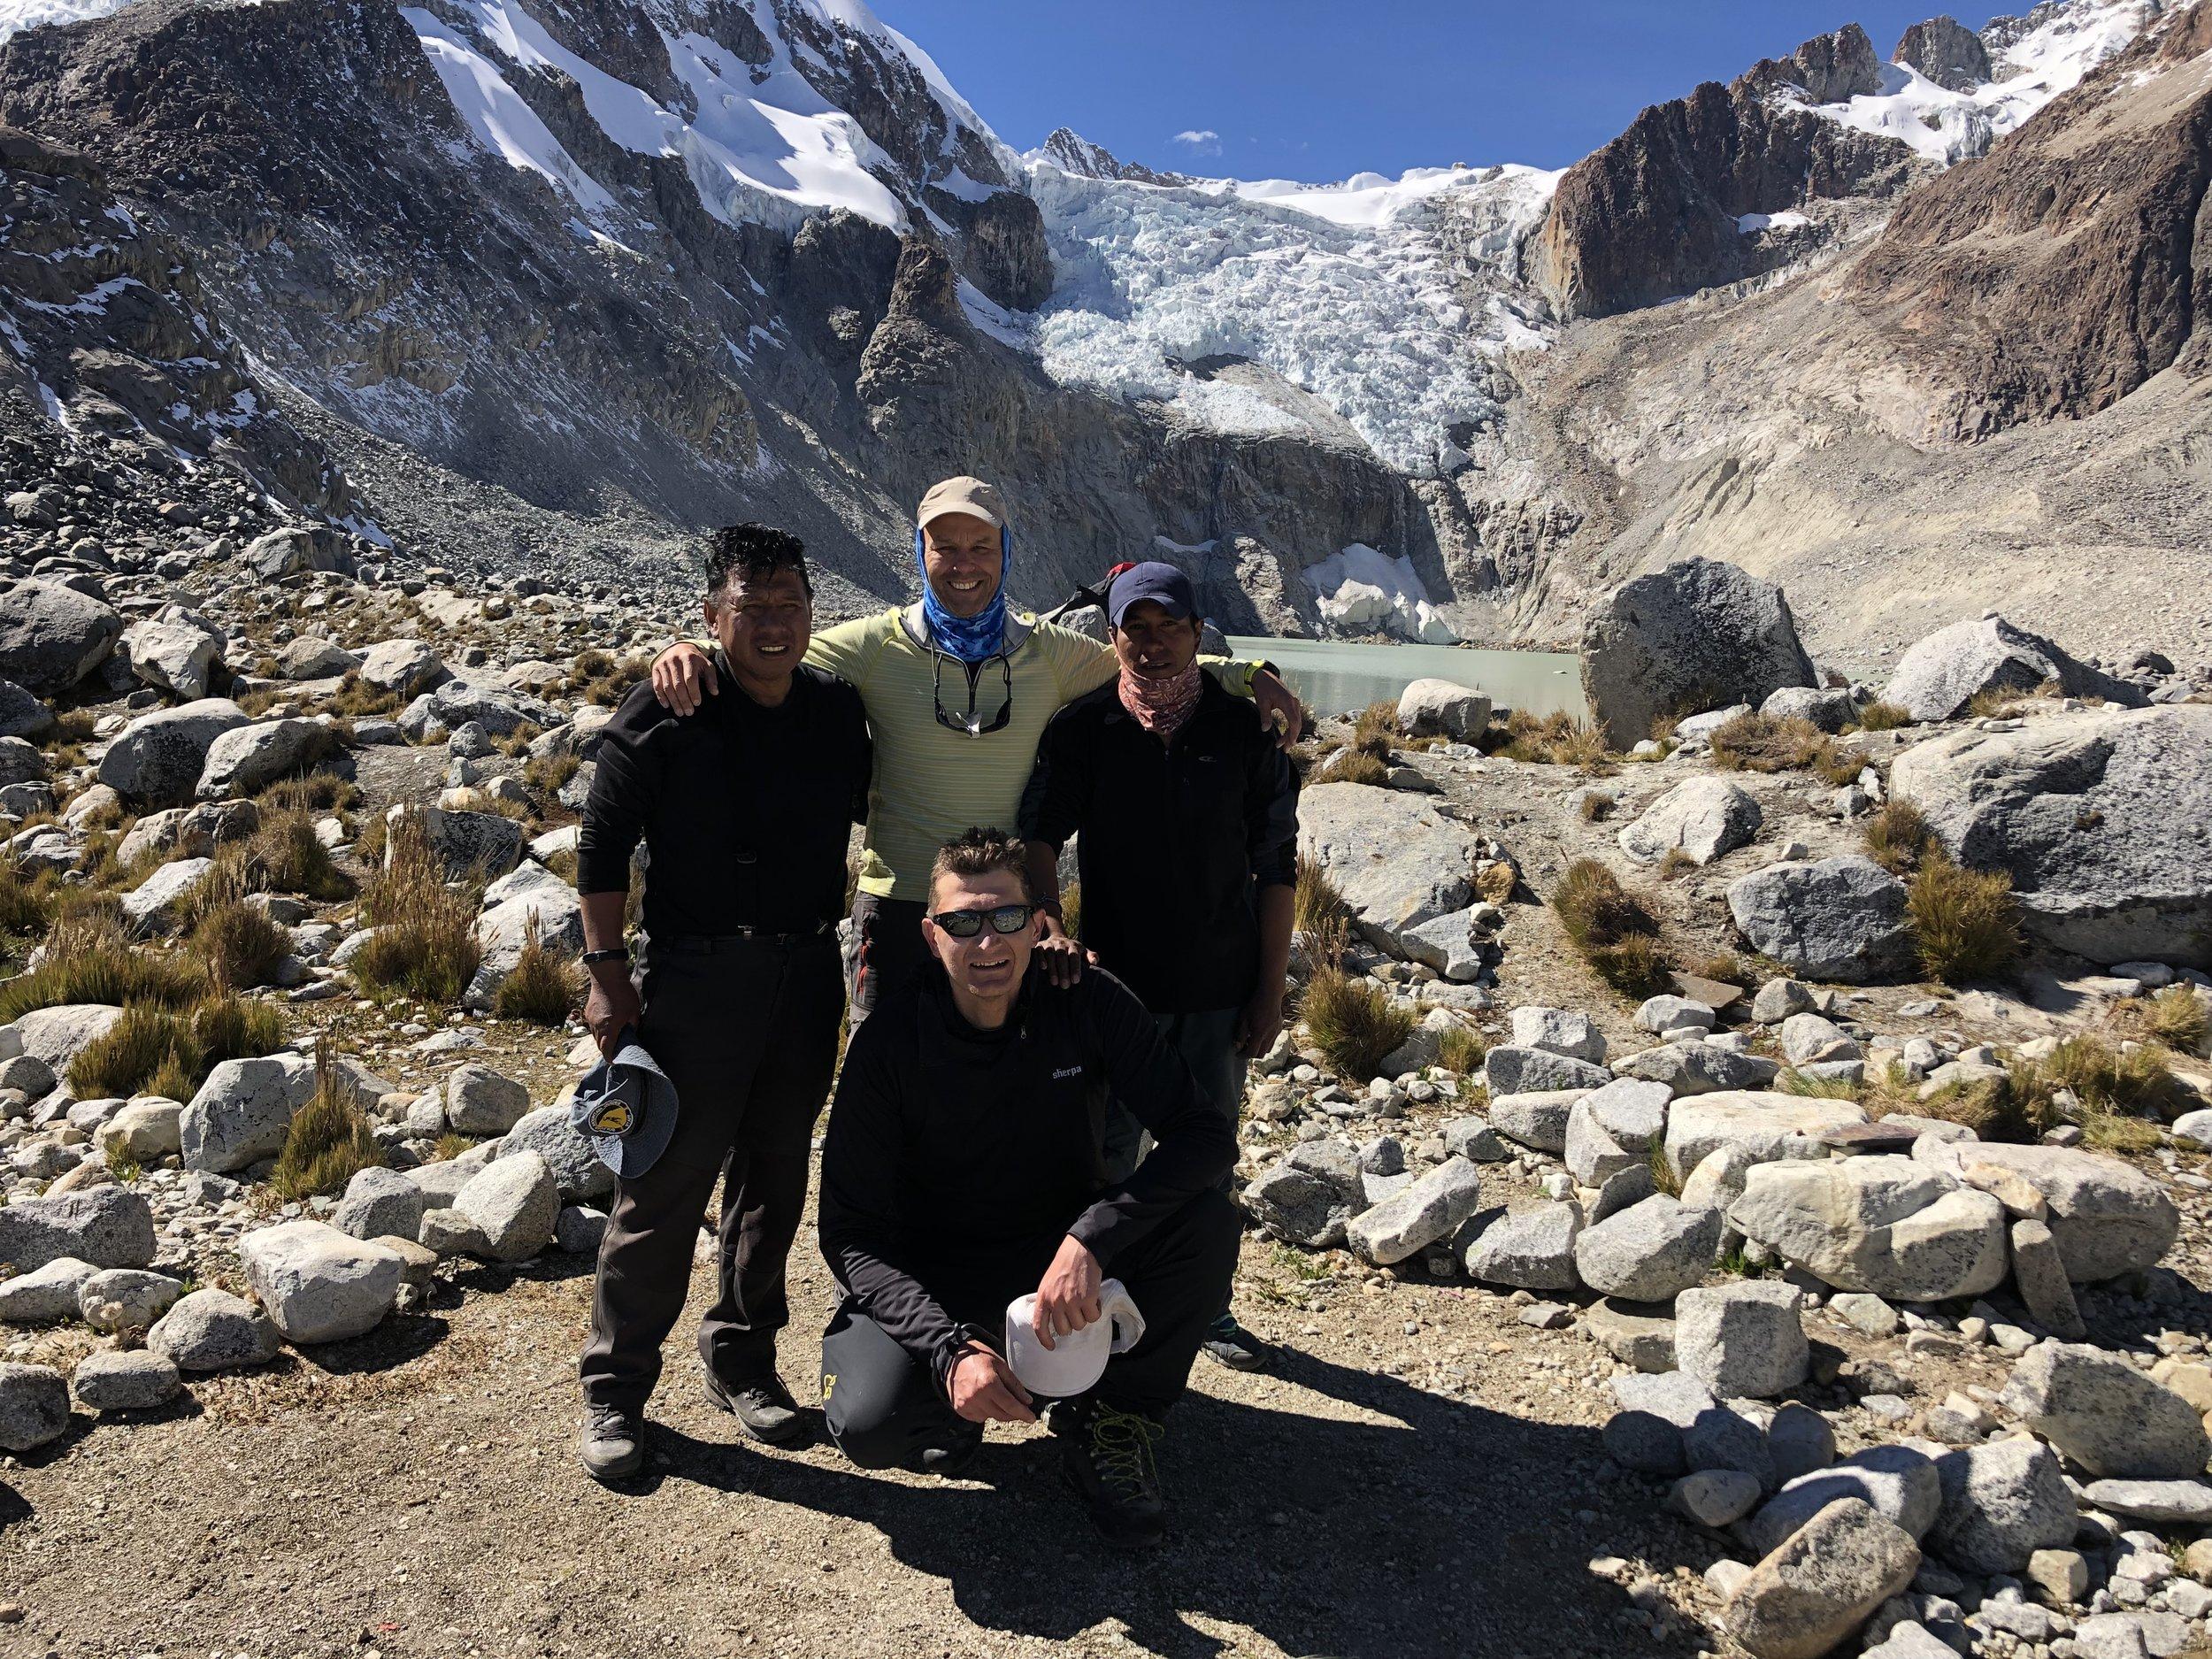 Our small team; Gregorio, Ricardo, Gilles and I